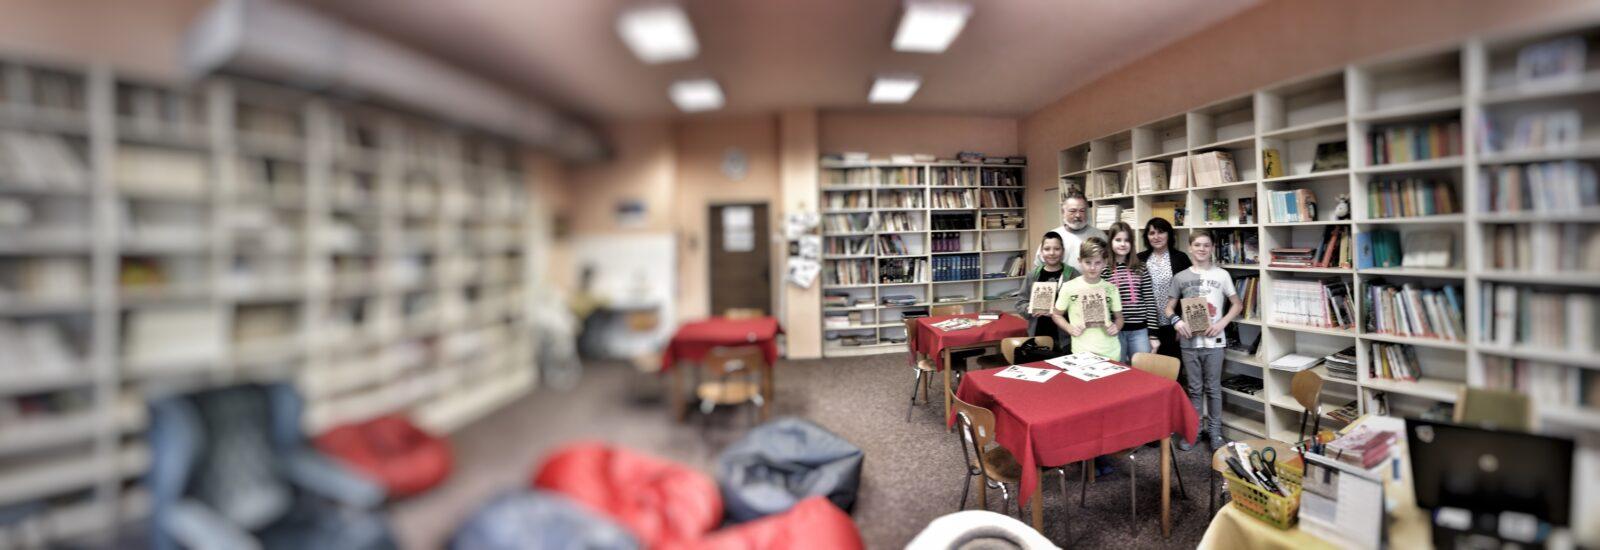 Redakce Kravinek ve školní knihovně.